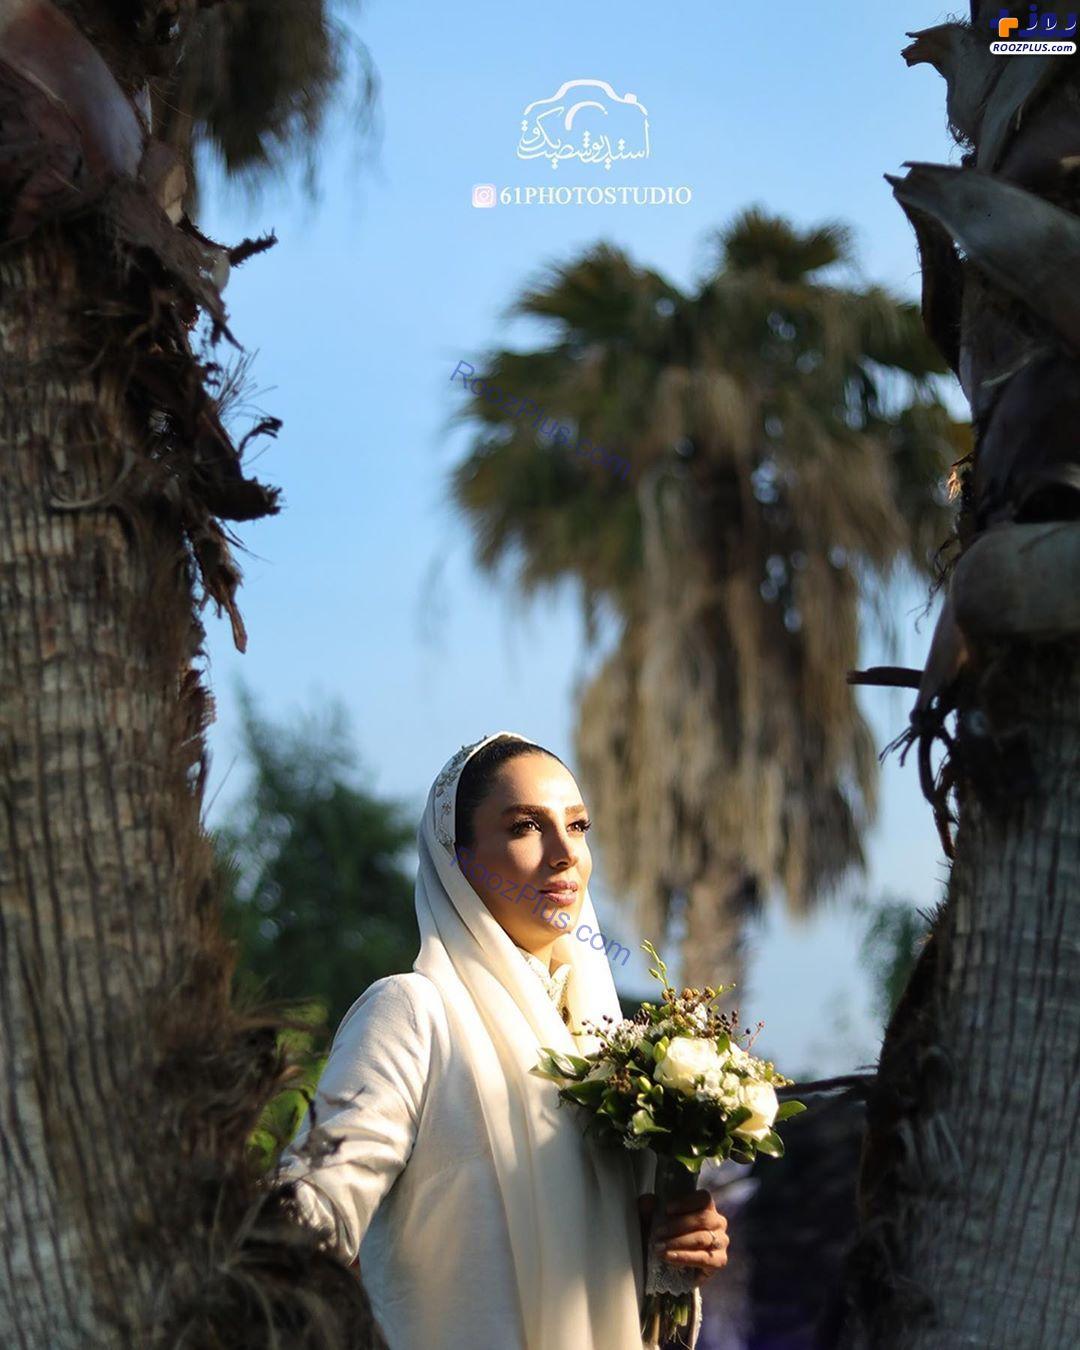 عکس های مراسم عروسی سوگل طهماسبی در طبیعت